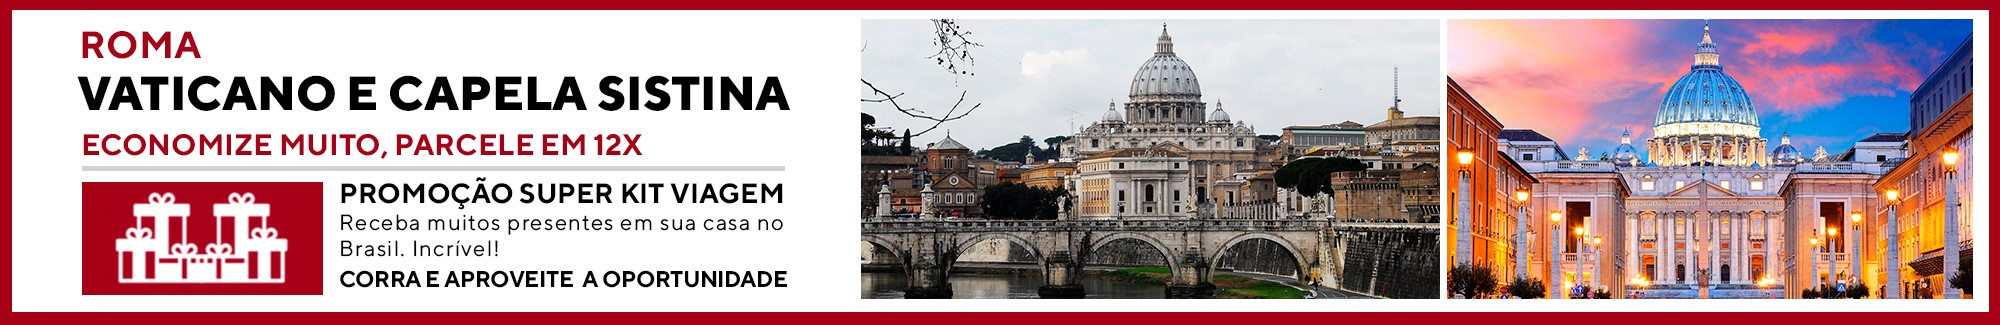 Vaticano e Capela Sistena Roma